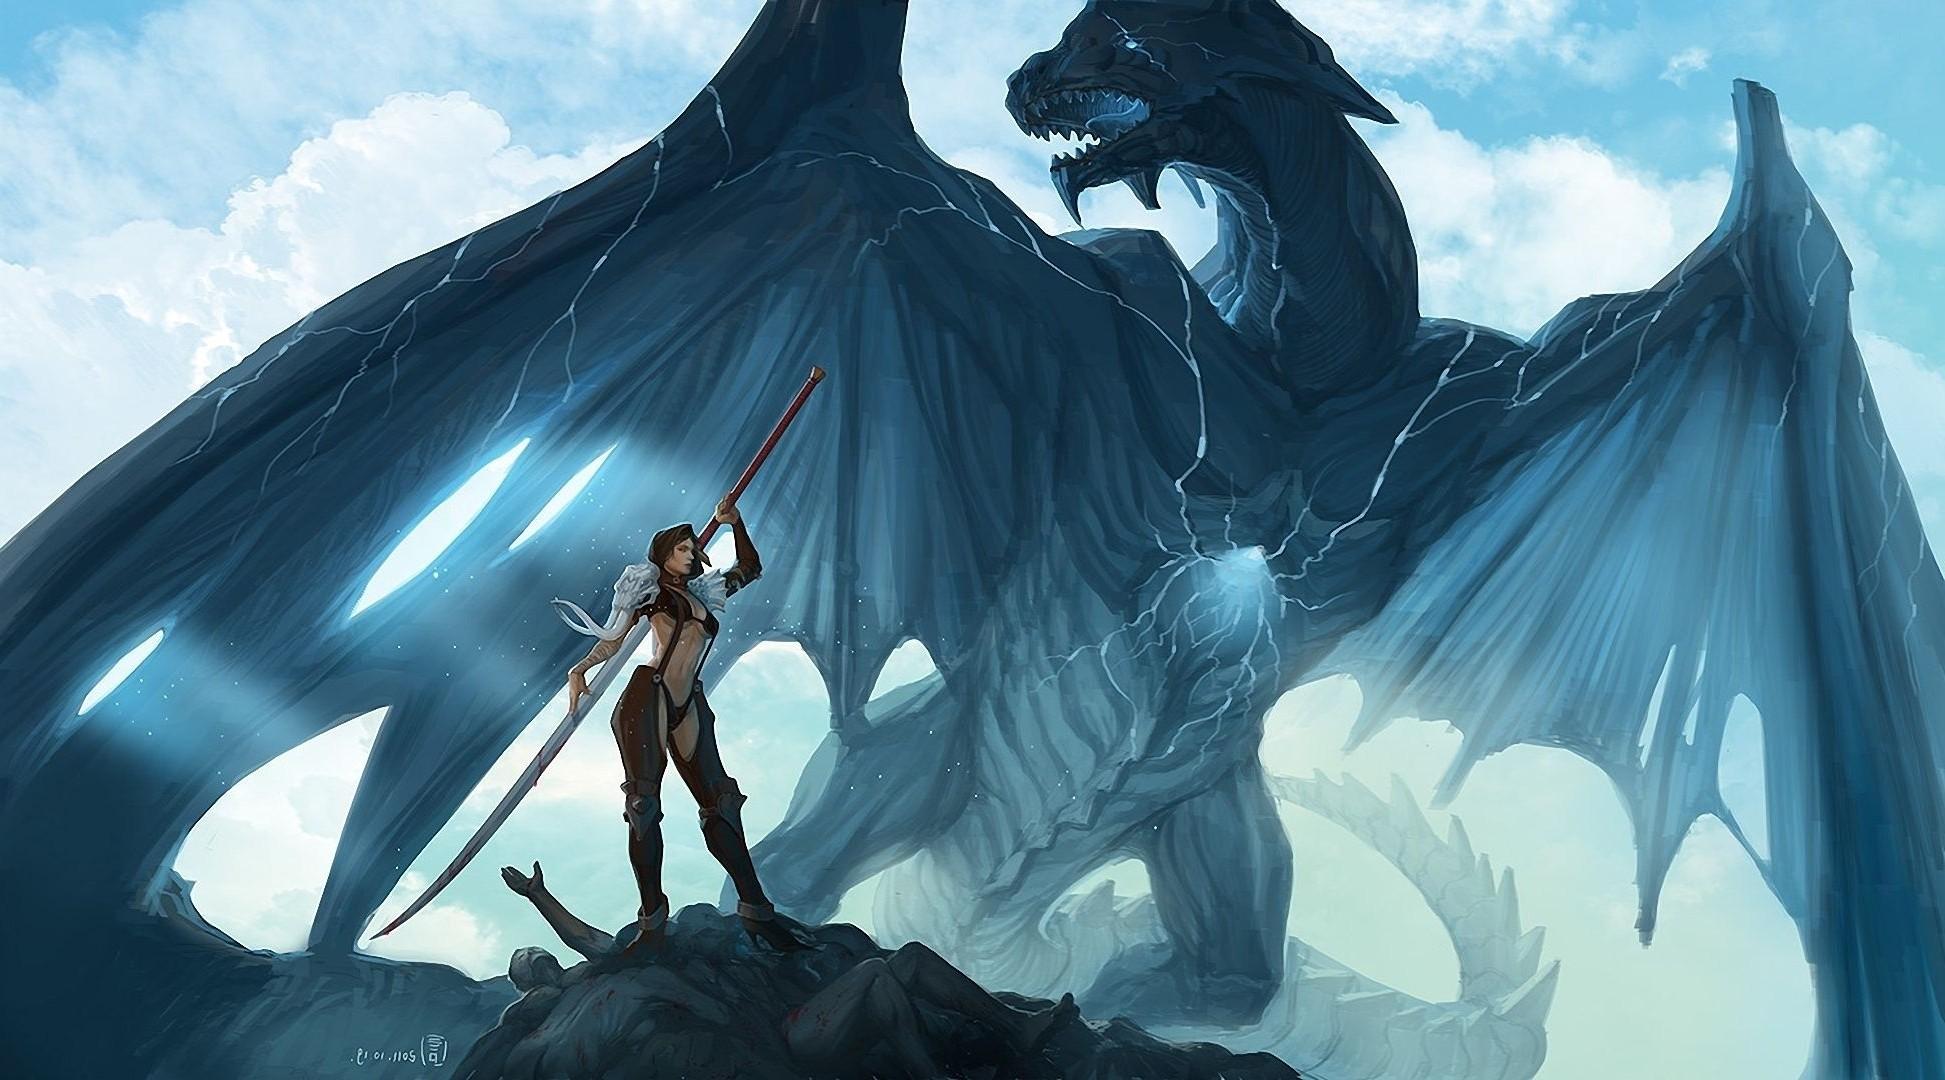 Скачать драконы обои на рабочий стол